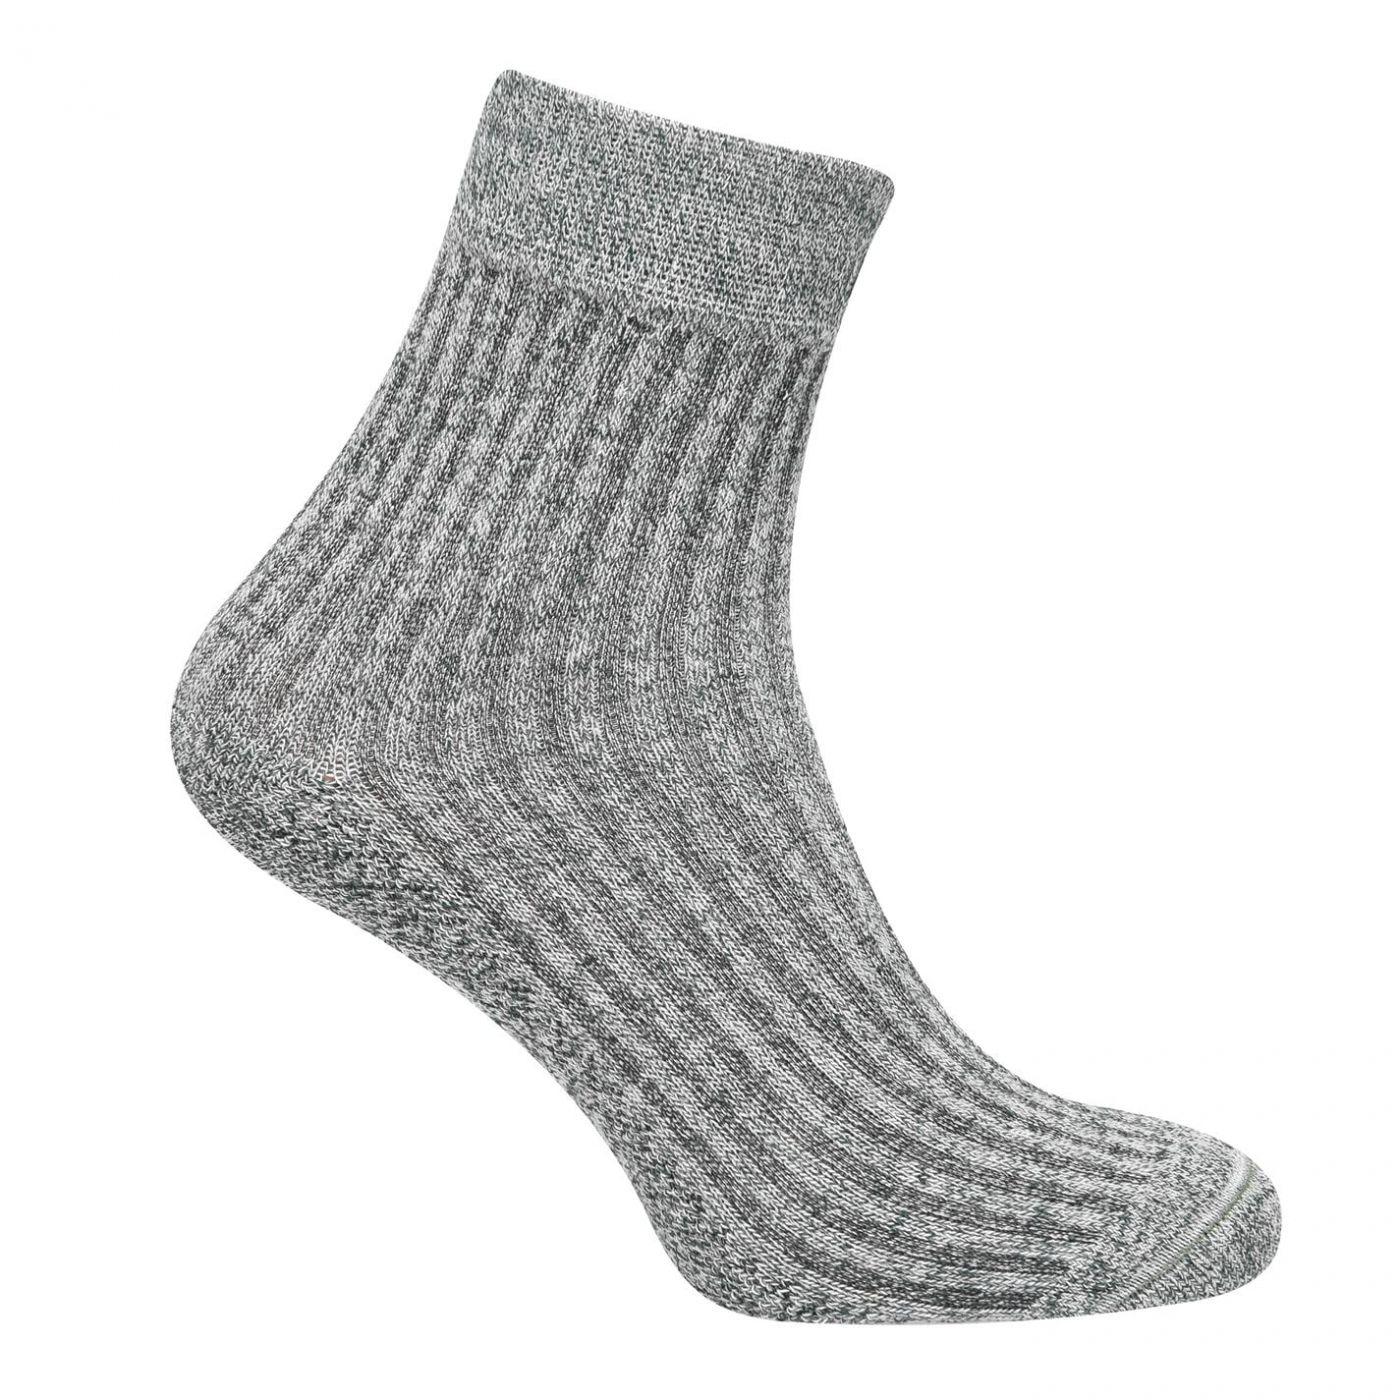 Lee Cooper 3 Pack Rib Crew Socks Mens